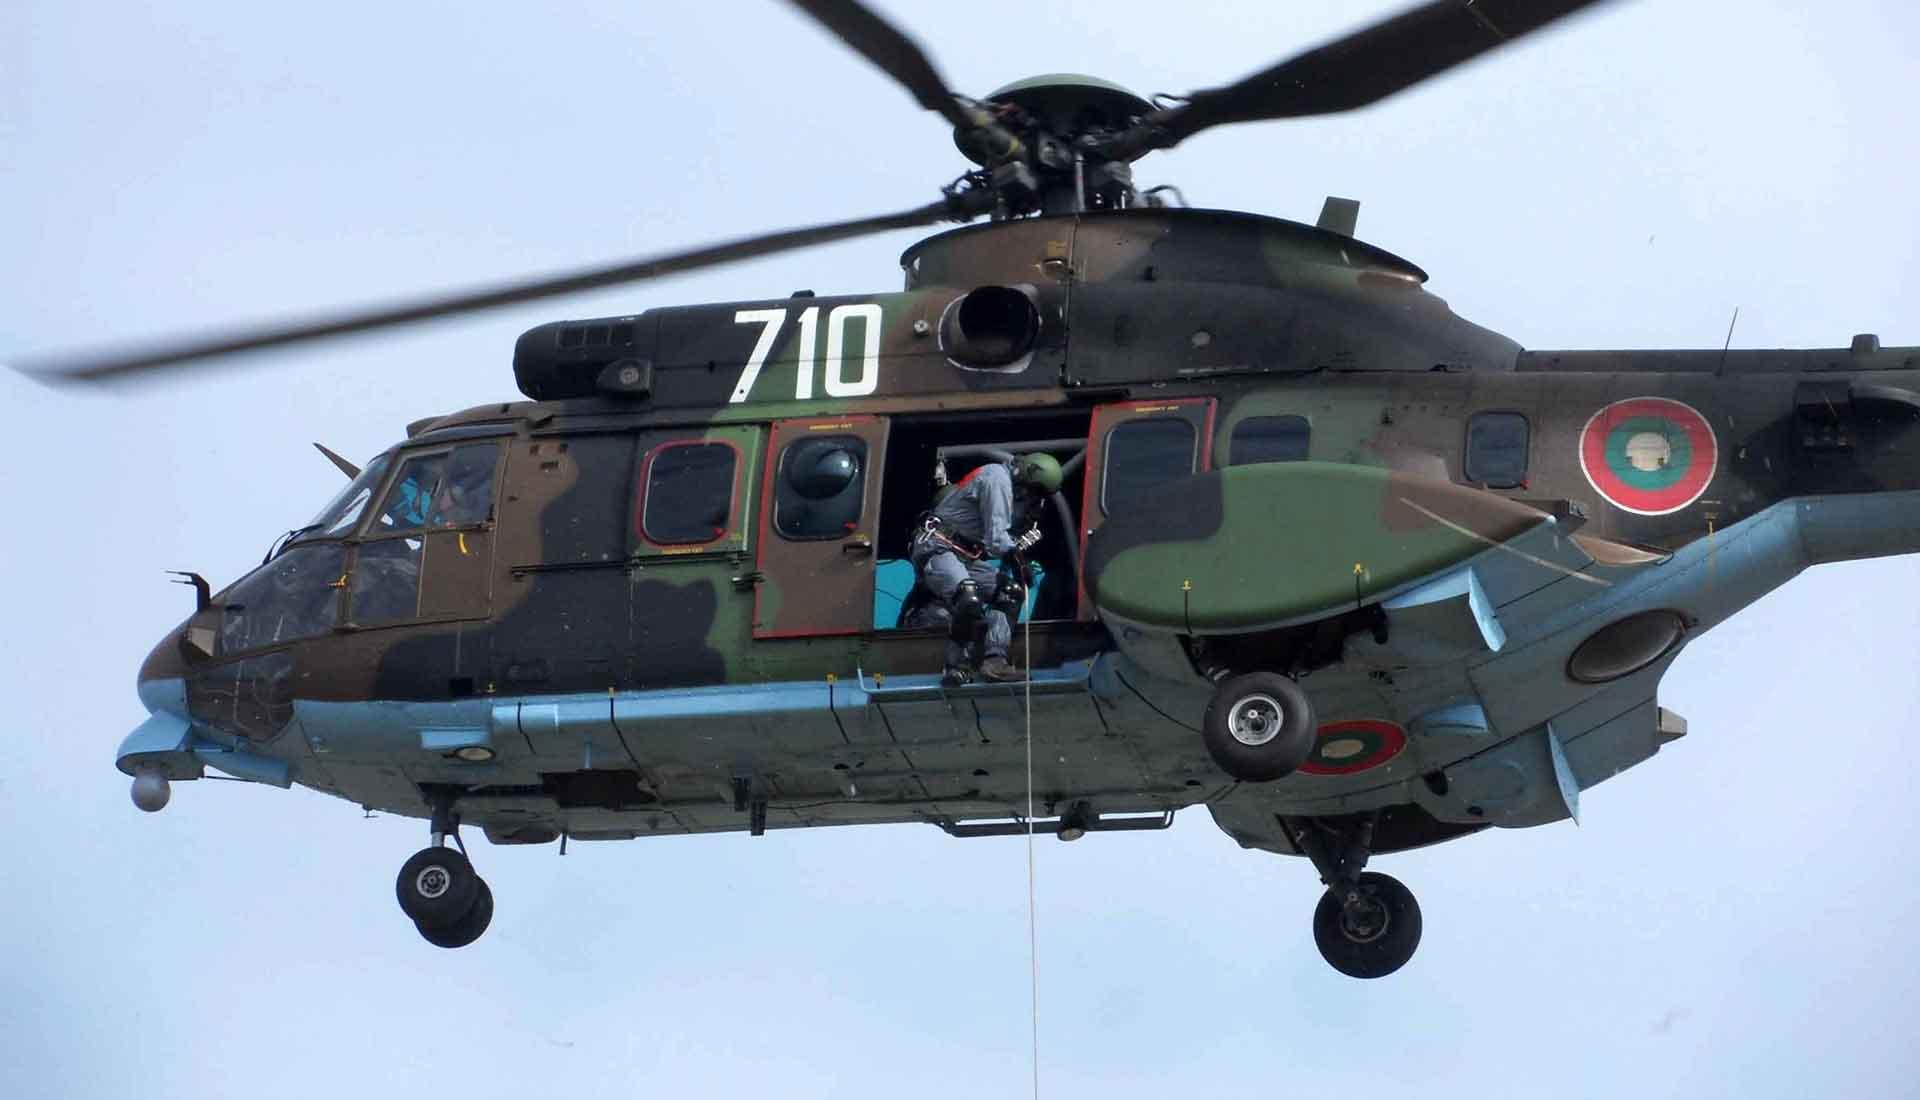 """Каня хората, които желаят да се включат в инициативата SOS (създаване на доброволчески """"Специализиран отряд за спасяване"""", който да отреагирва при Издирване и спасяване по земя, вода и възздух с хеликоптер на труднодостъпни места, да ни пише"""